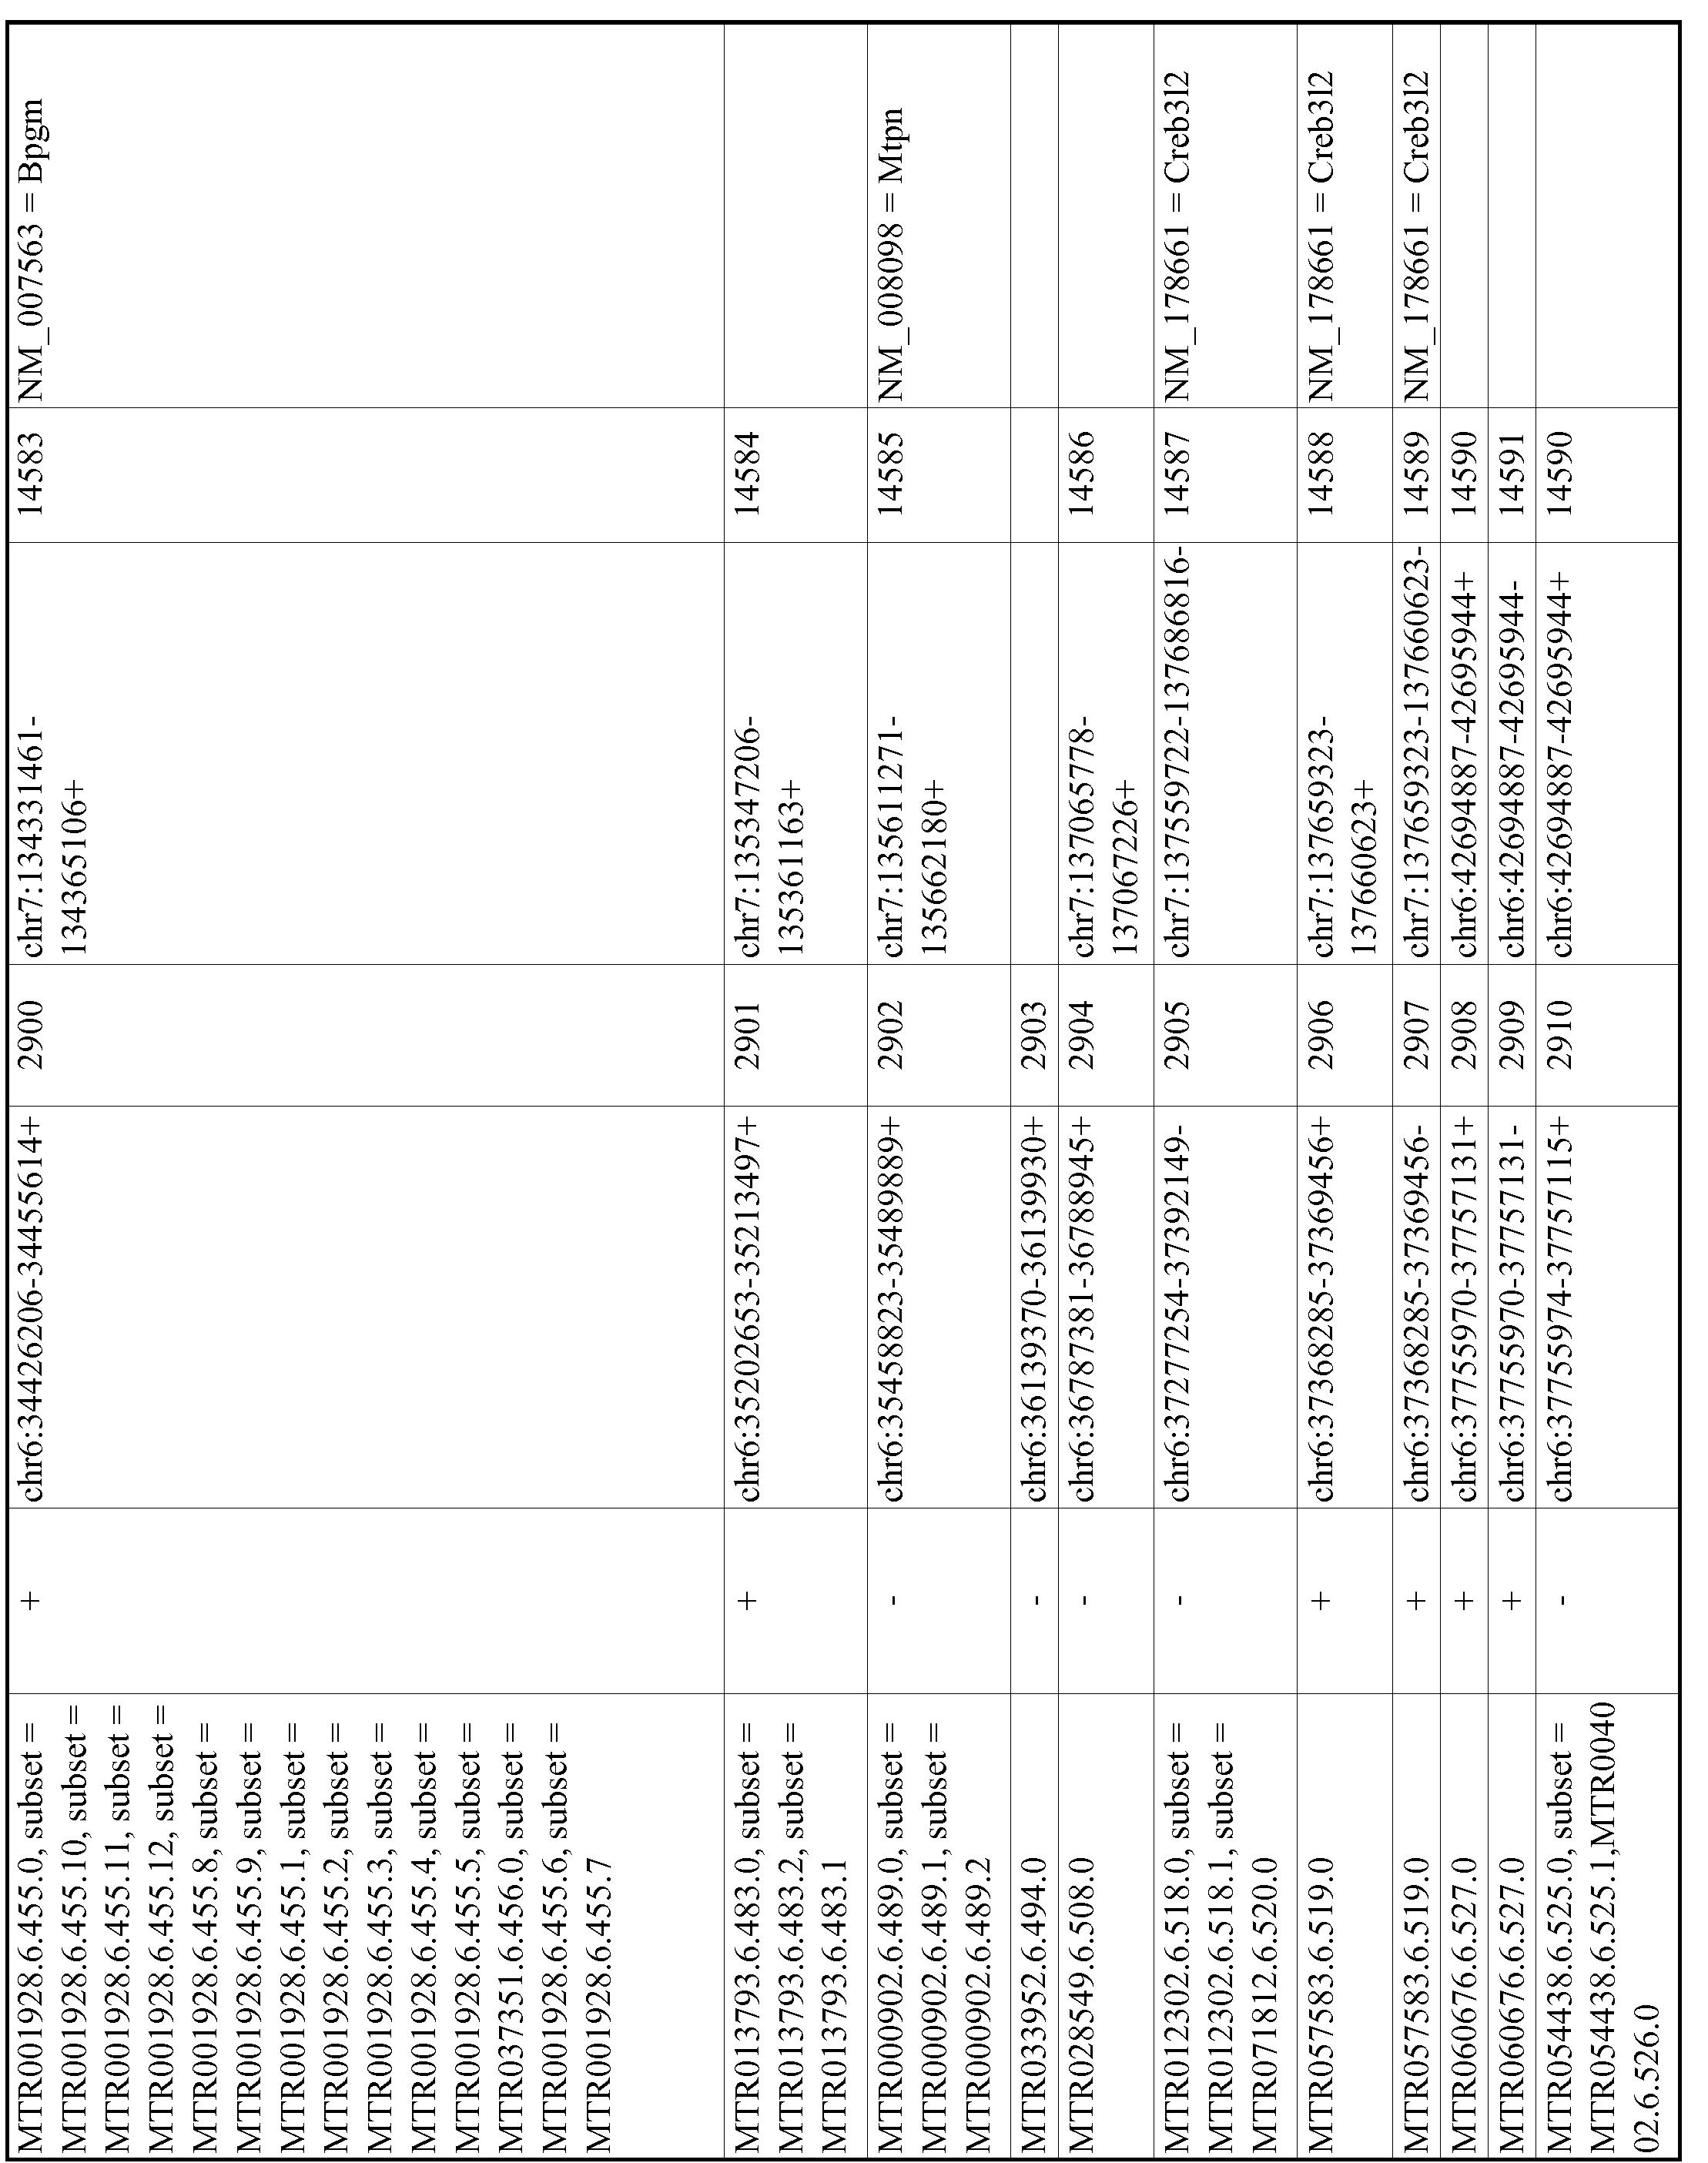 Figure imgf000592_0001